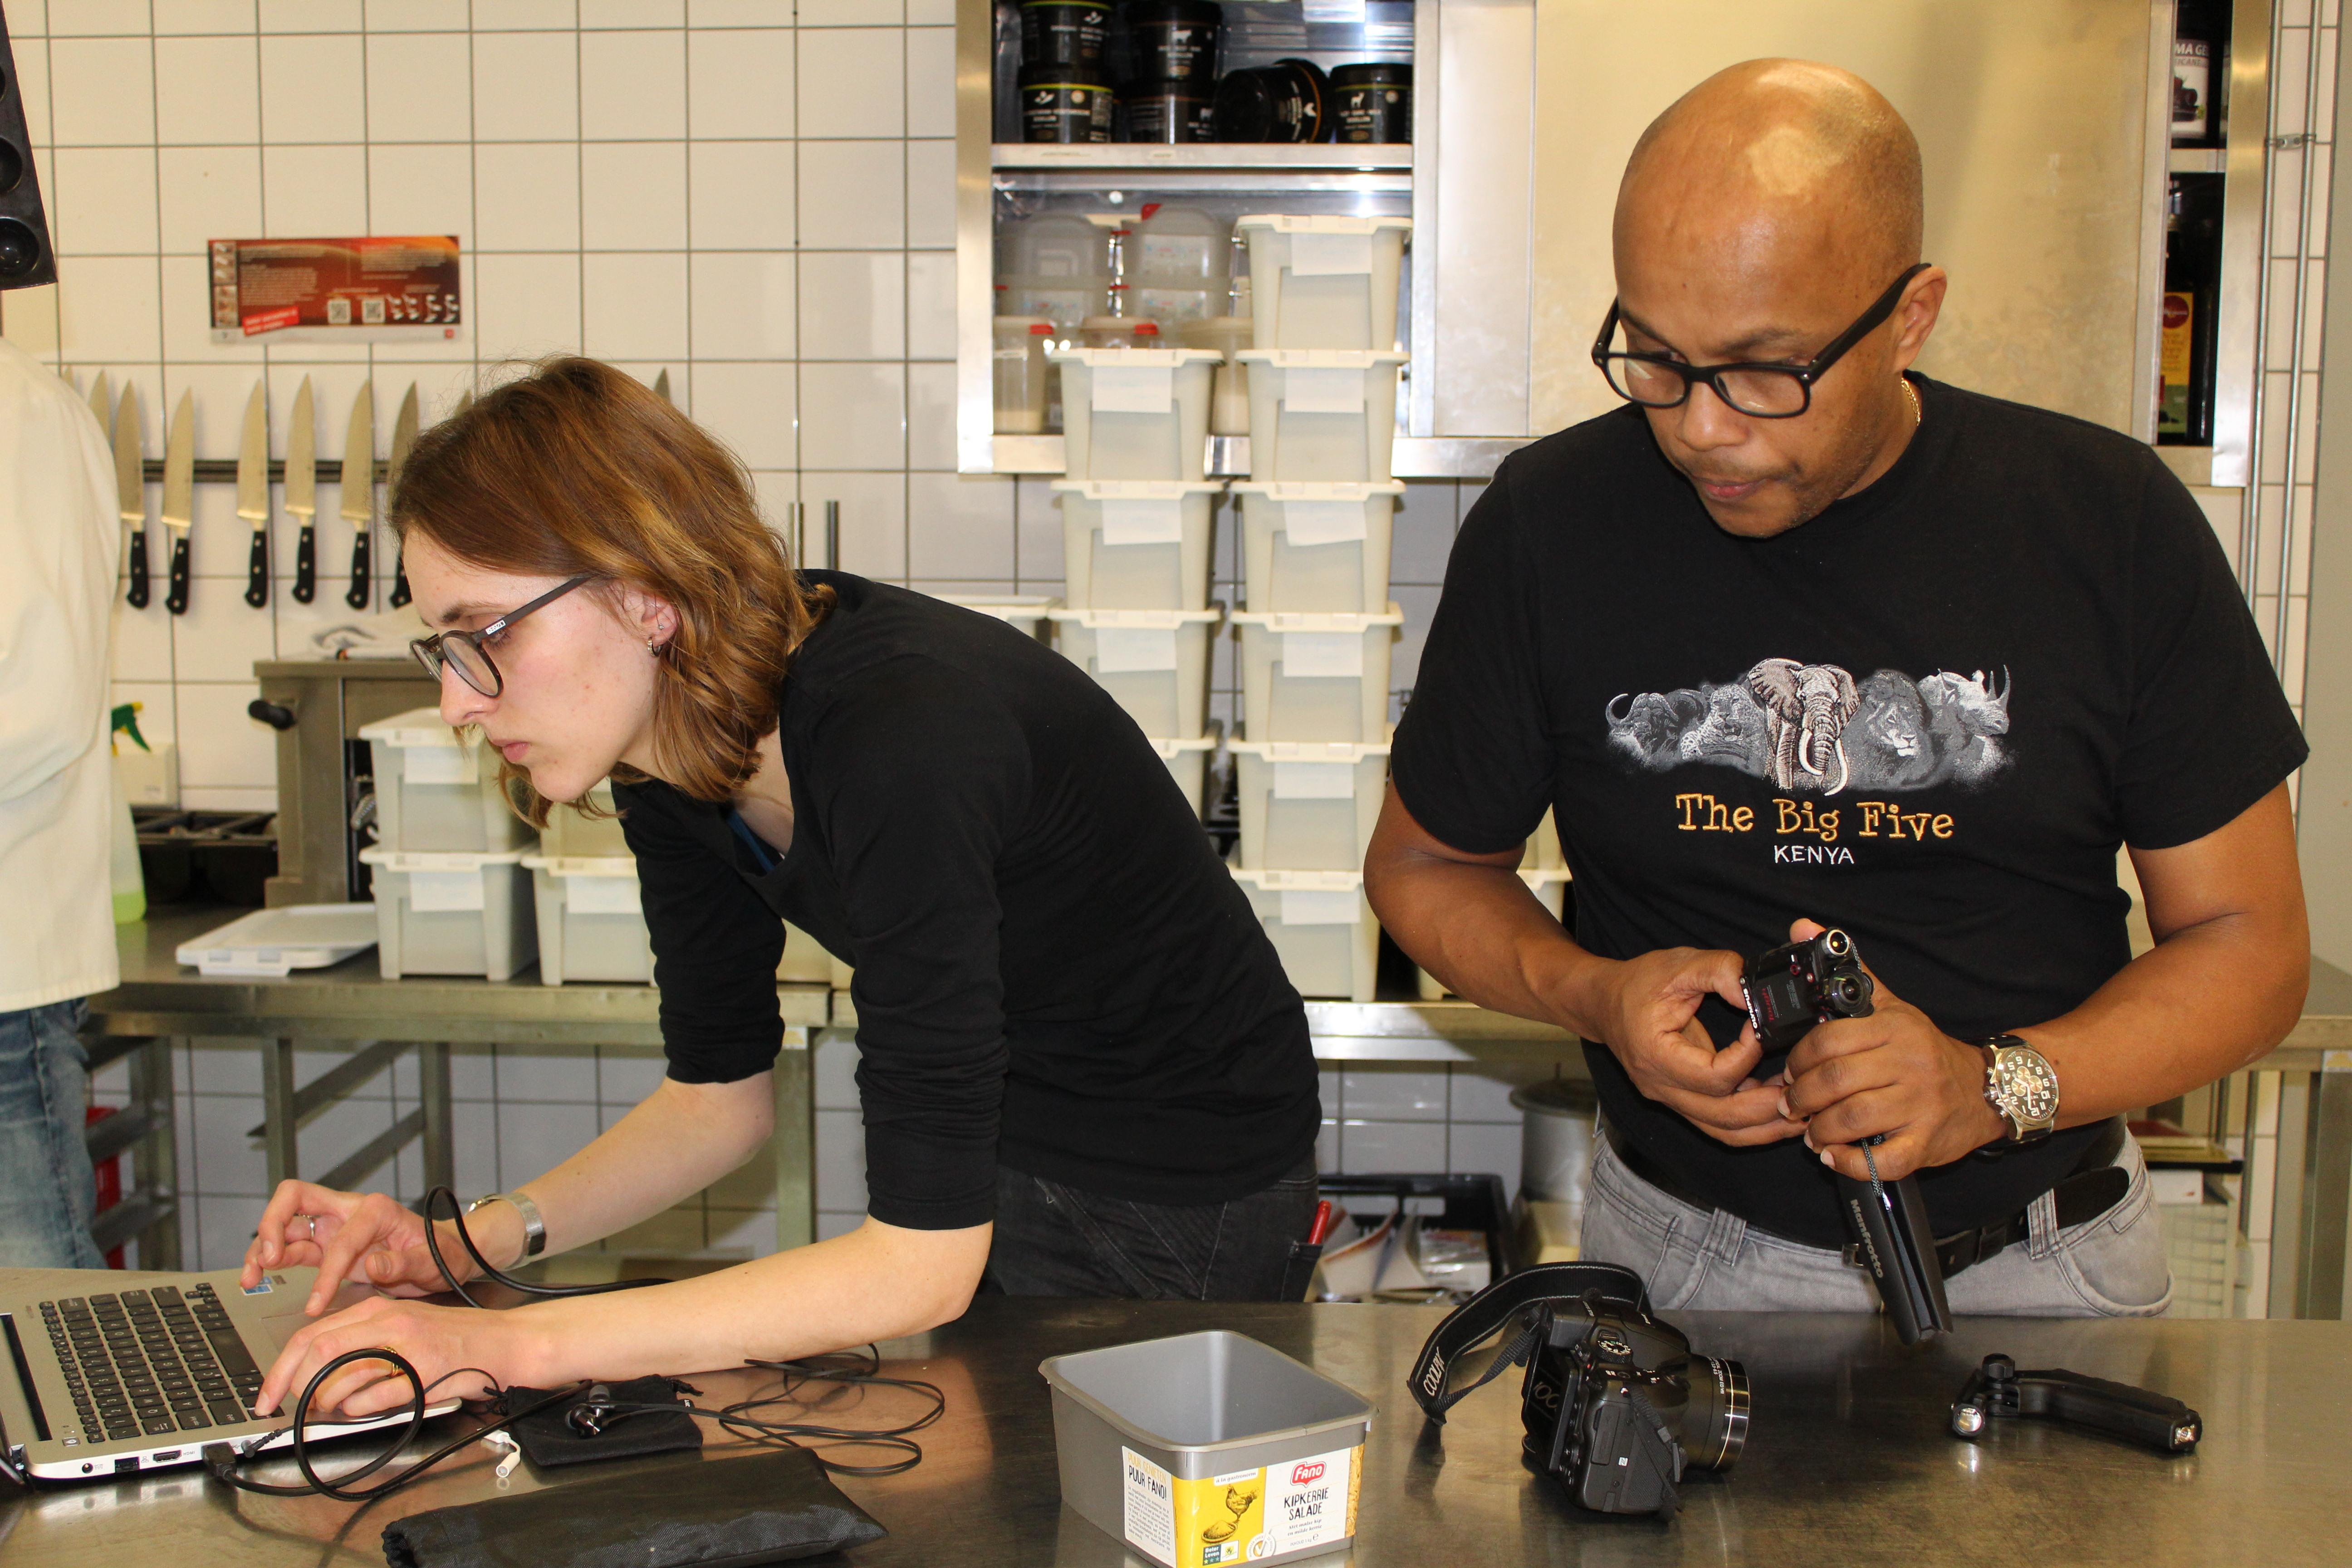 Twee docenten van SG Newton, mevrouw Strikwerda en de heer Winkel, waren op de set verantwoordelijk voor de camerabeelden en het geluid. (Foto: aangeleverd)